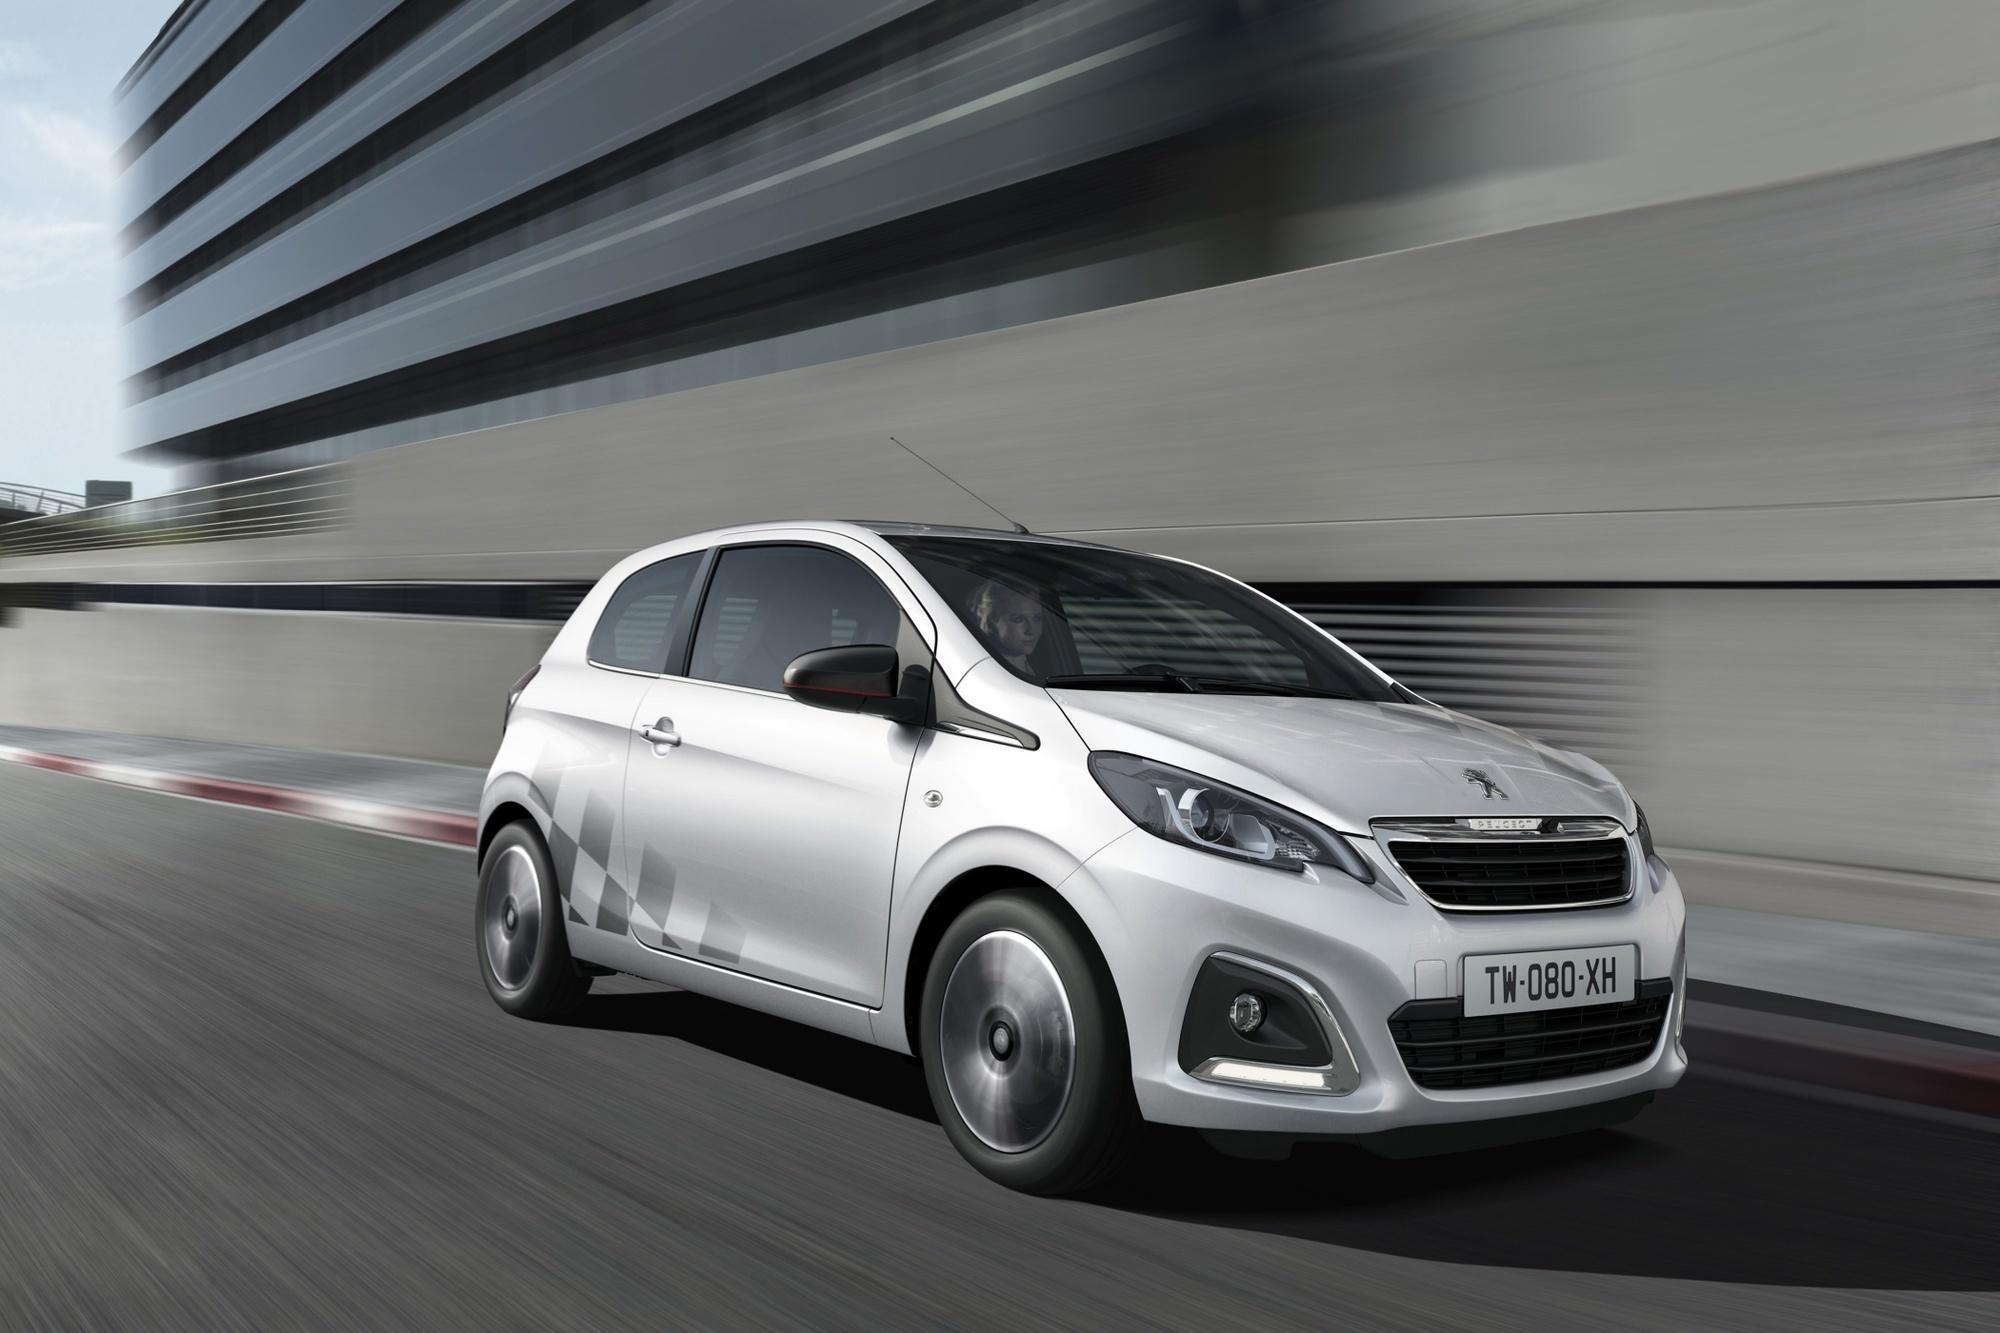 Fahrbericht: Peugeot 108 PureTech 82 - Mehr von allem